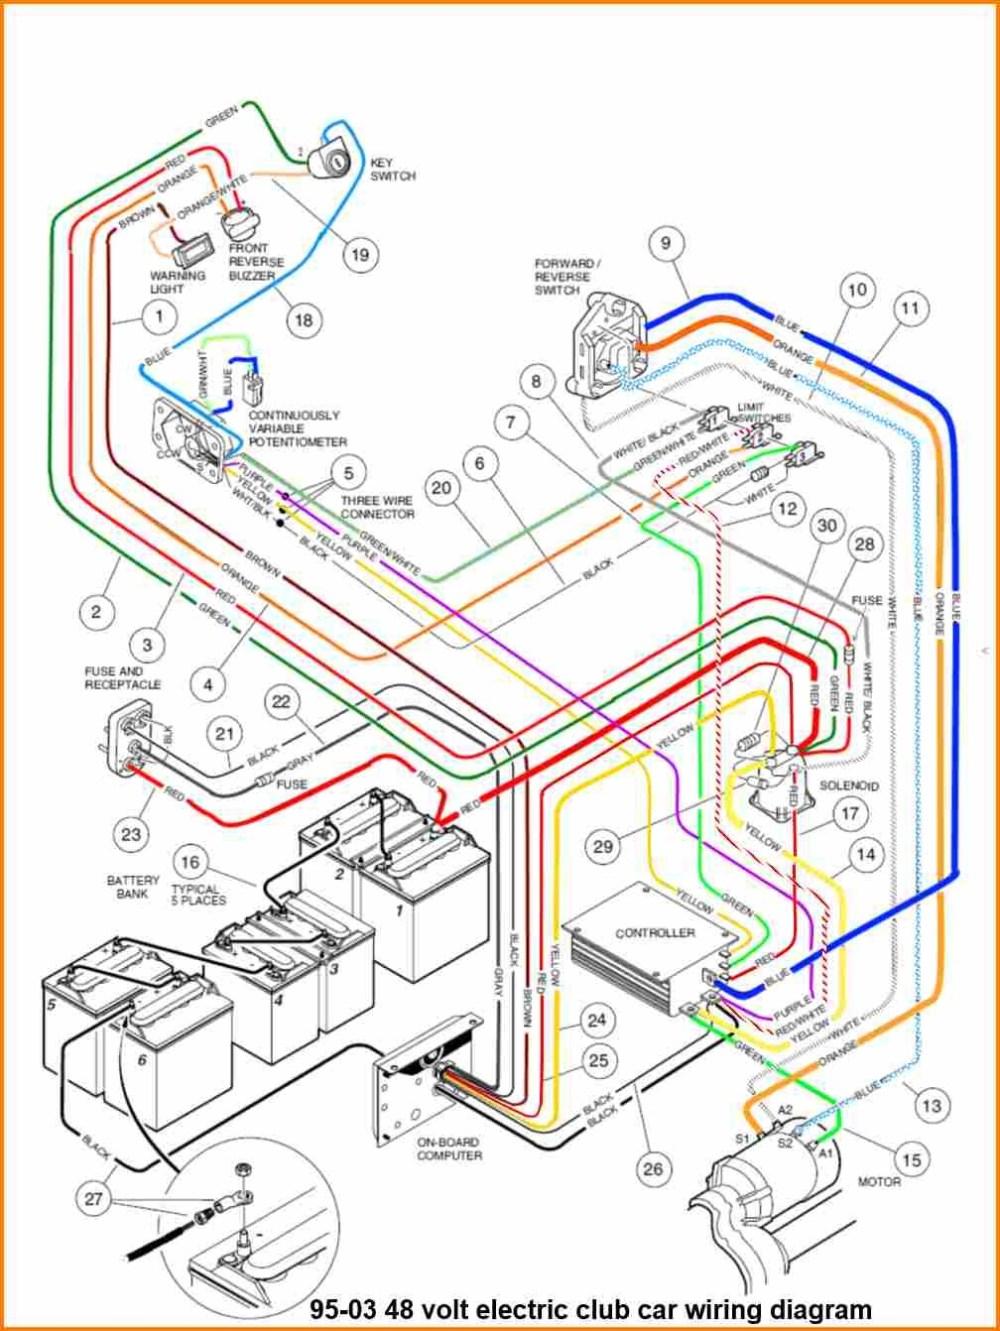 medium resolution of wiring diagram 2000 36 volt club car house wiring diagram symbols u2022 rh mollusksurfshopnyc com 2007